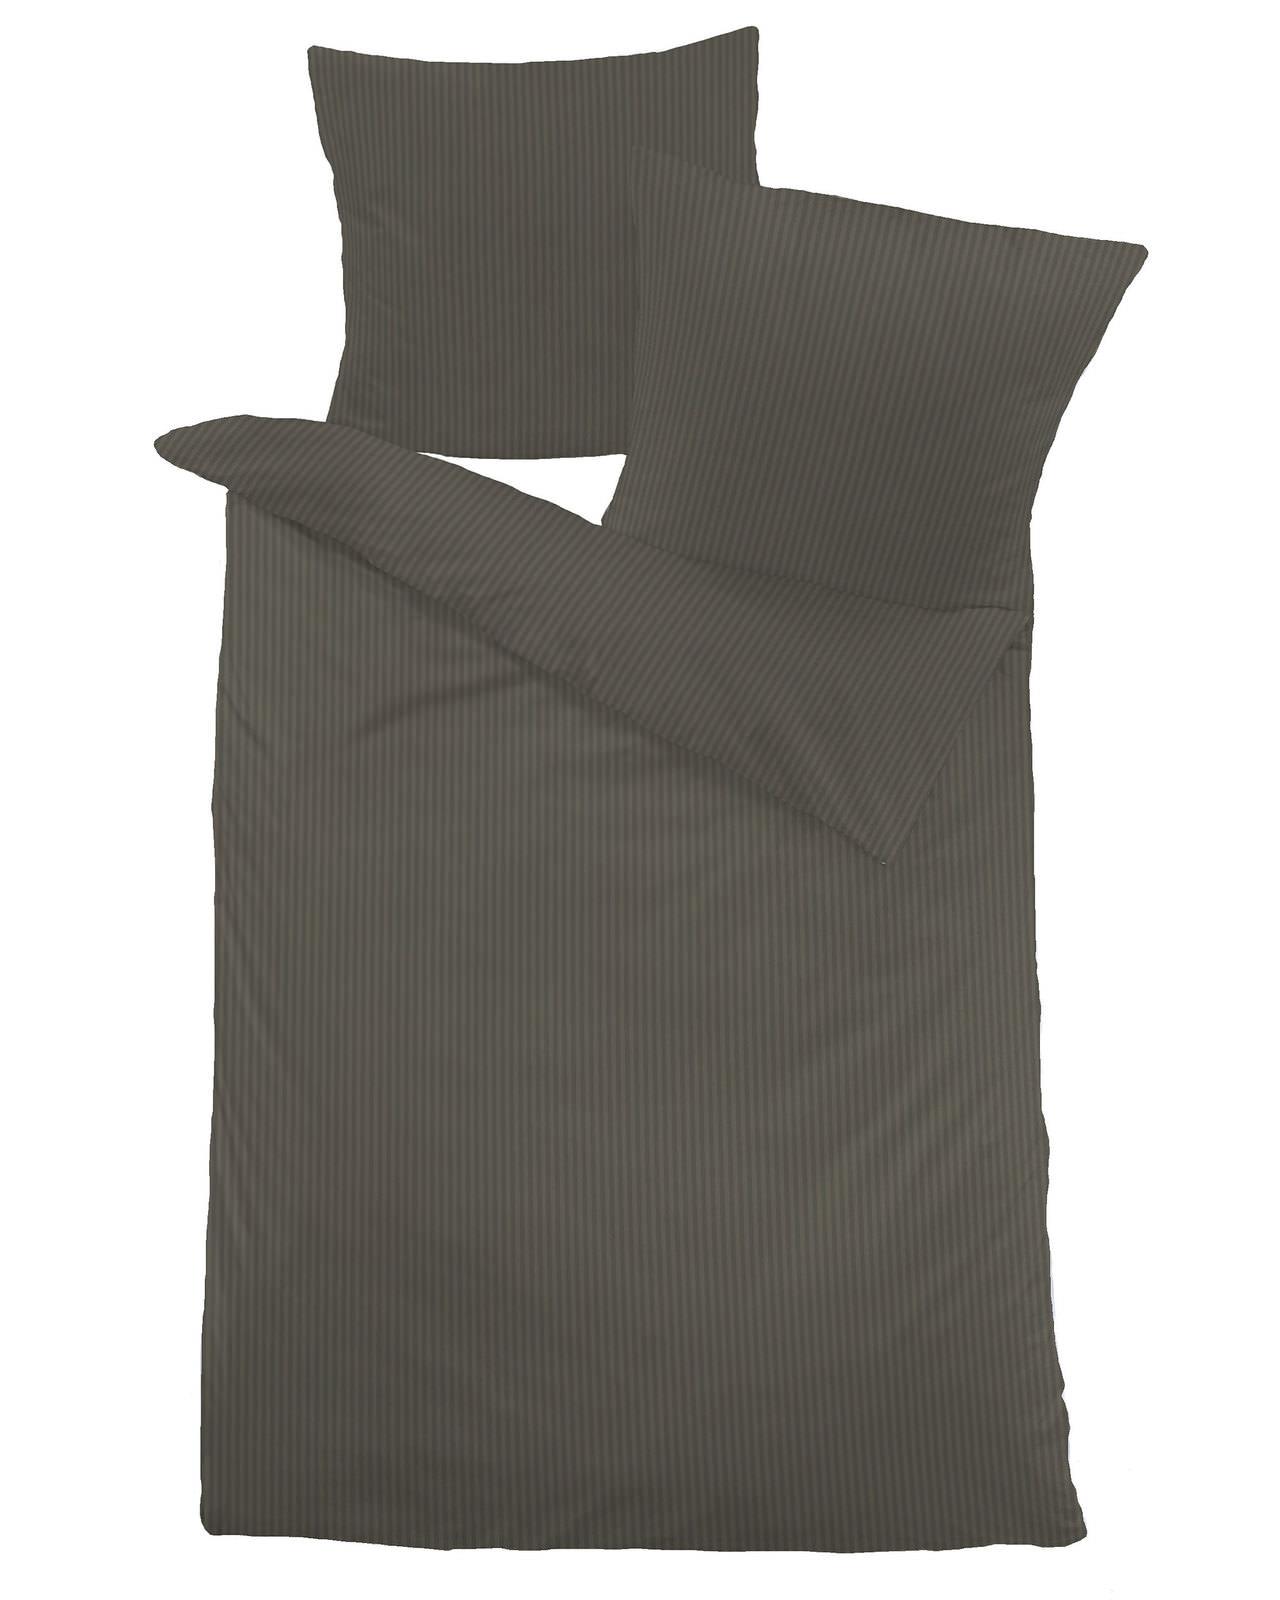 pronight pronight streifen satin bettw online entdecken knuffmann ihr m belhaus. Black Bedroom Furniture Sets. Home Design Ideas